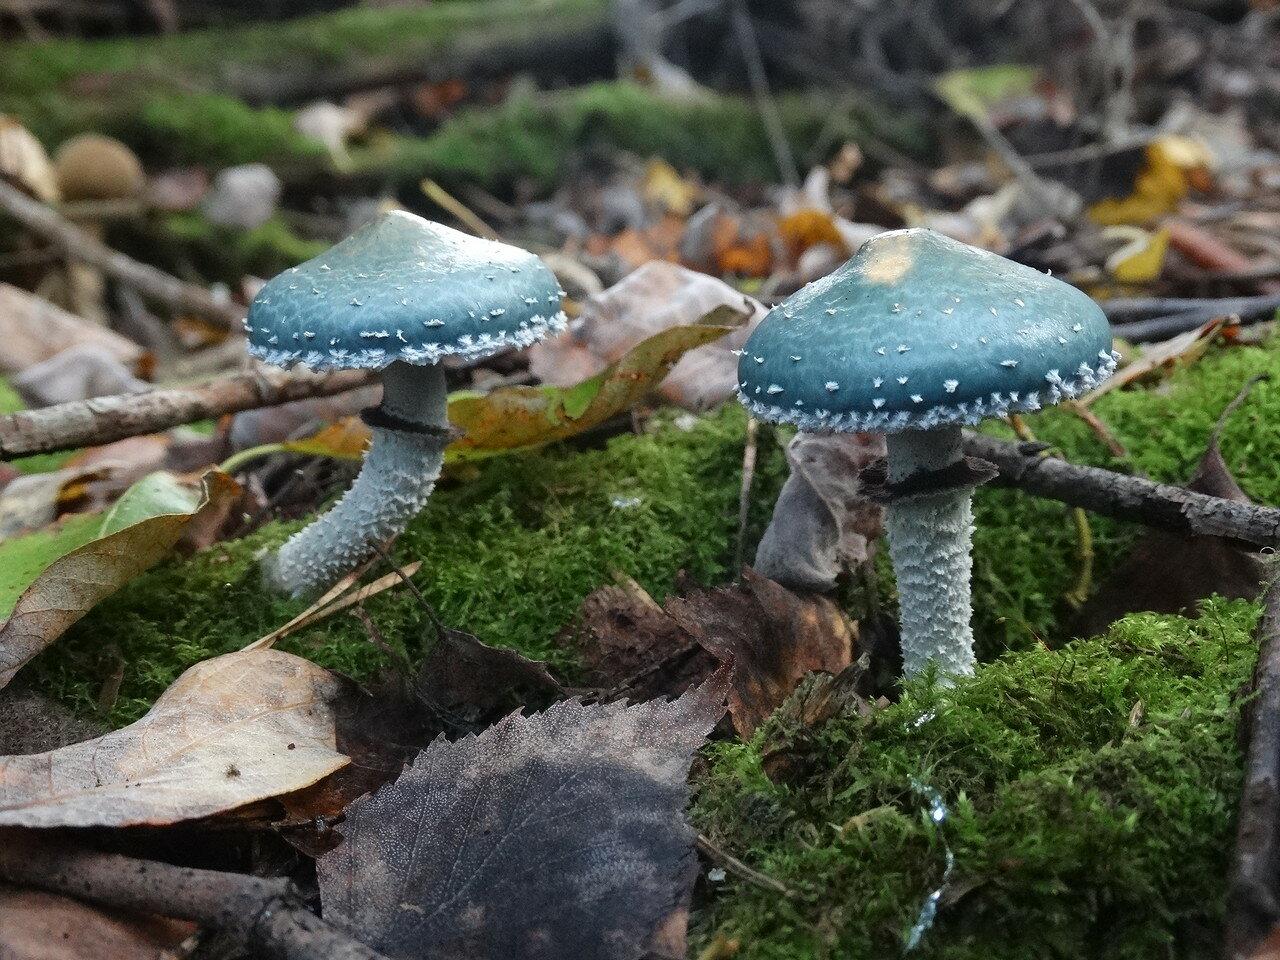 Строфария сине-зеленая (Stropharia aeruginosa). Автор фото: Привалова Марина